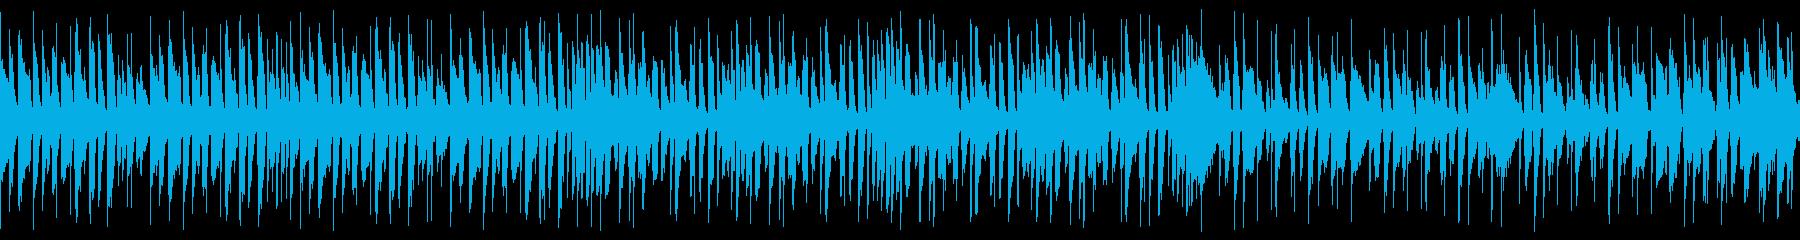 エネルギッシュでハッピーなジャズ(ループの再生済みの波形